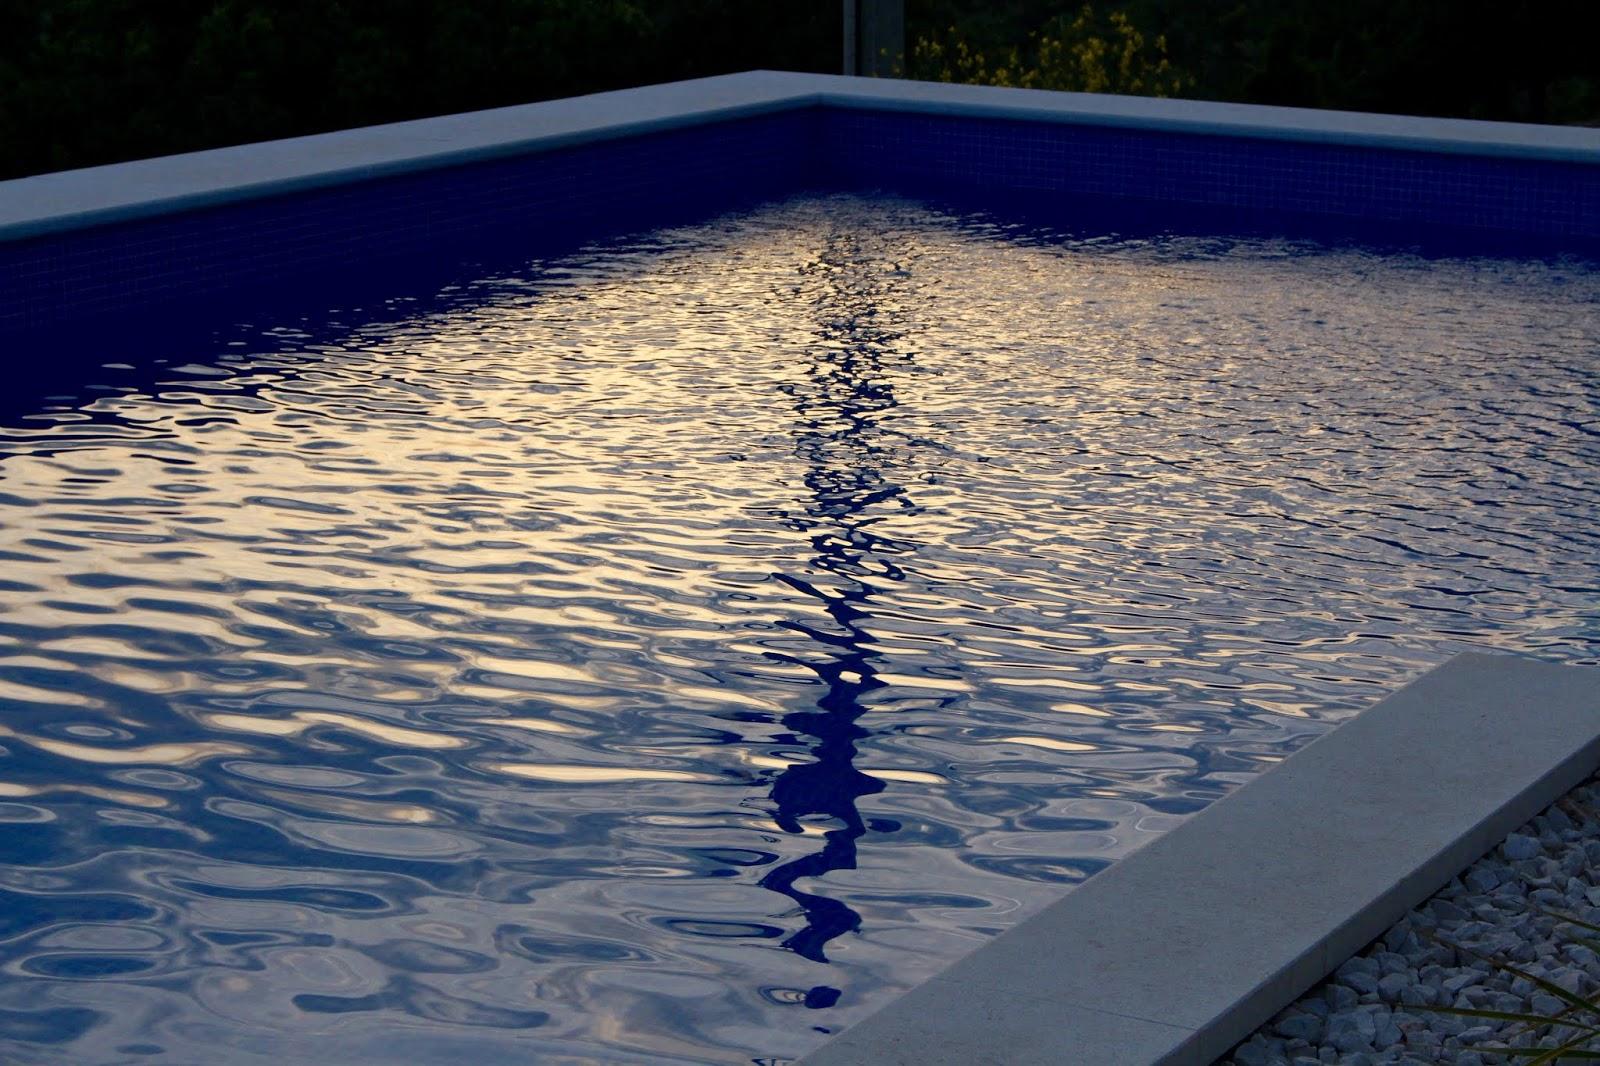 Dämmerlicht auf Wasser, Kroatien